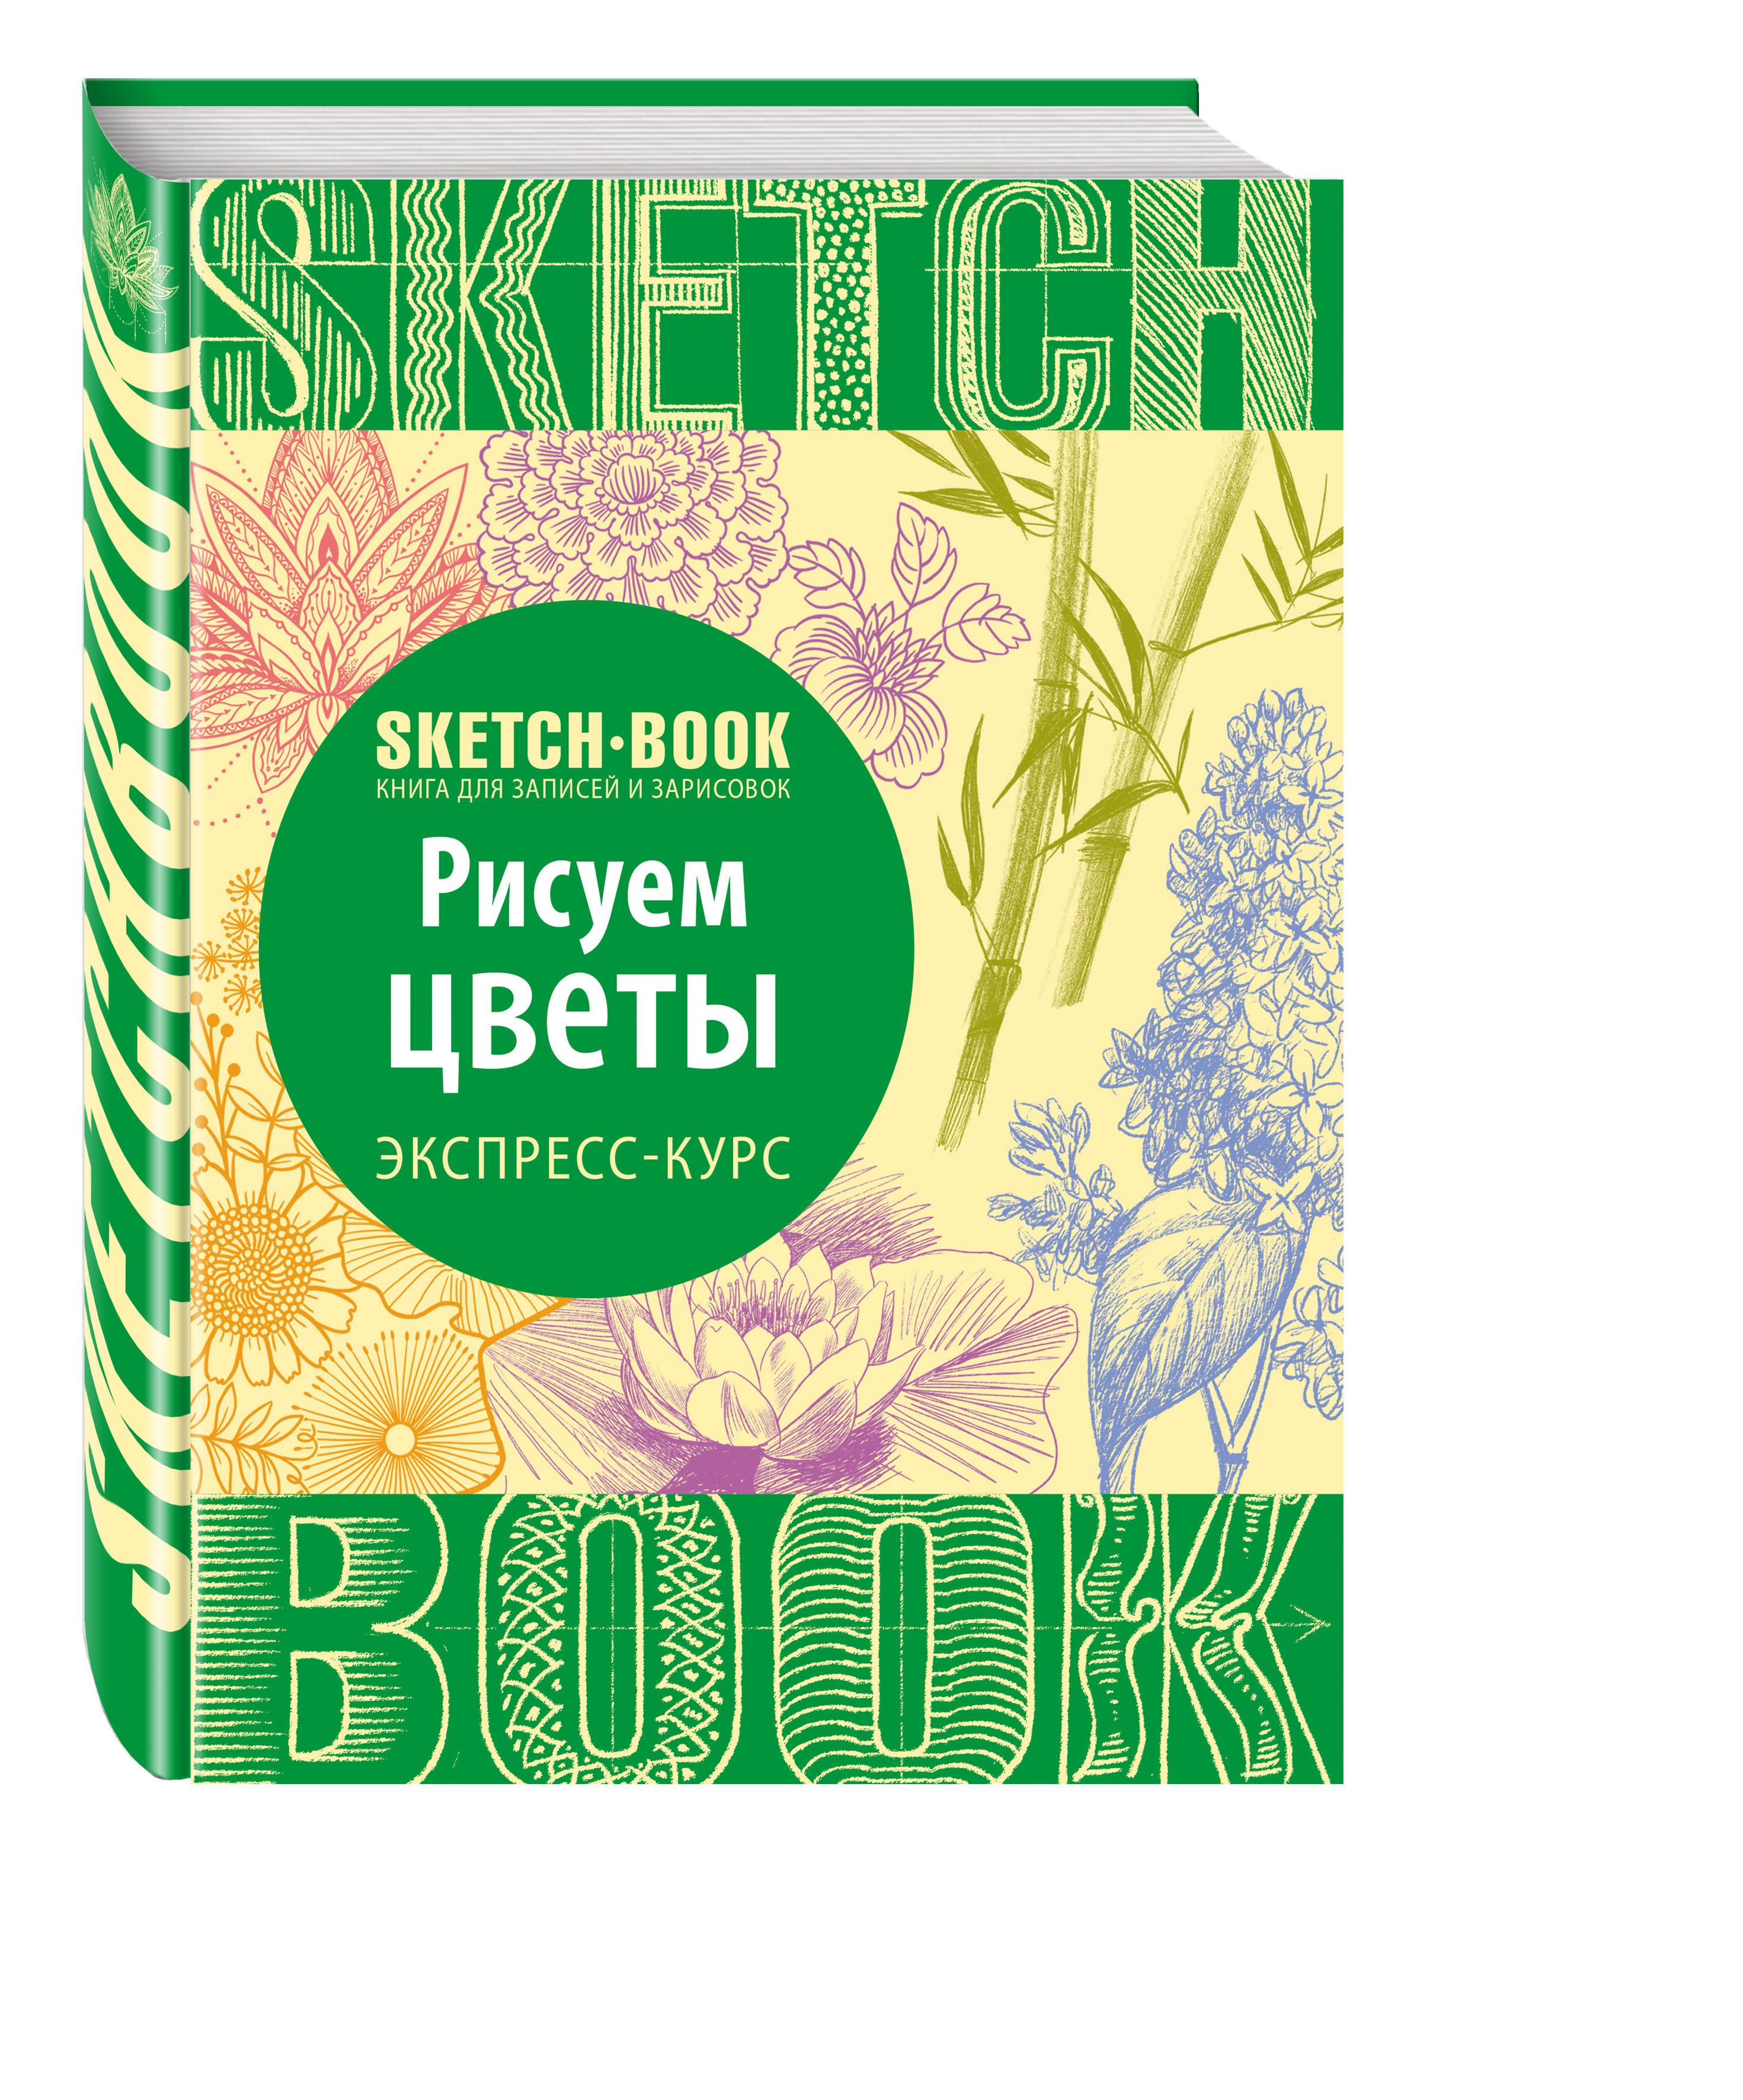 Sketchbook. Рисуем цветы. Экспресс-курс записные книжки эксмо sketchbook рисуем море экспресс курс